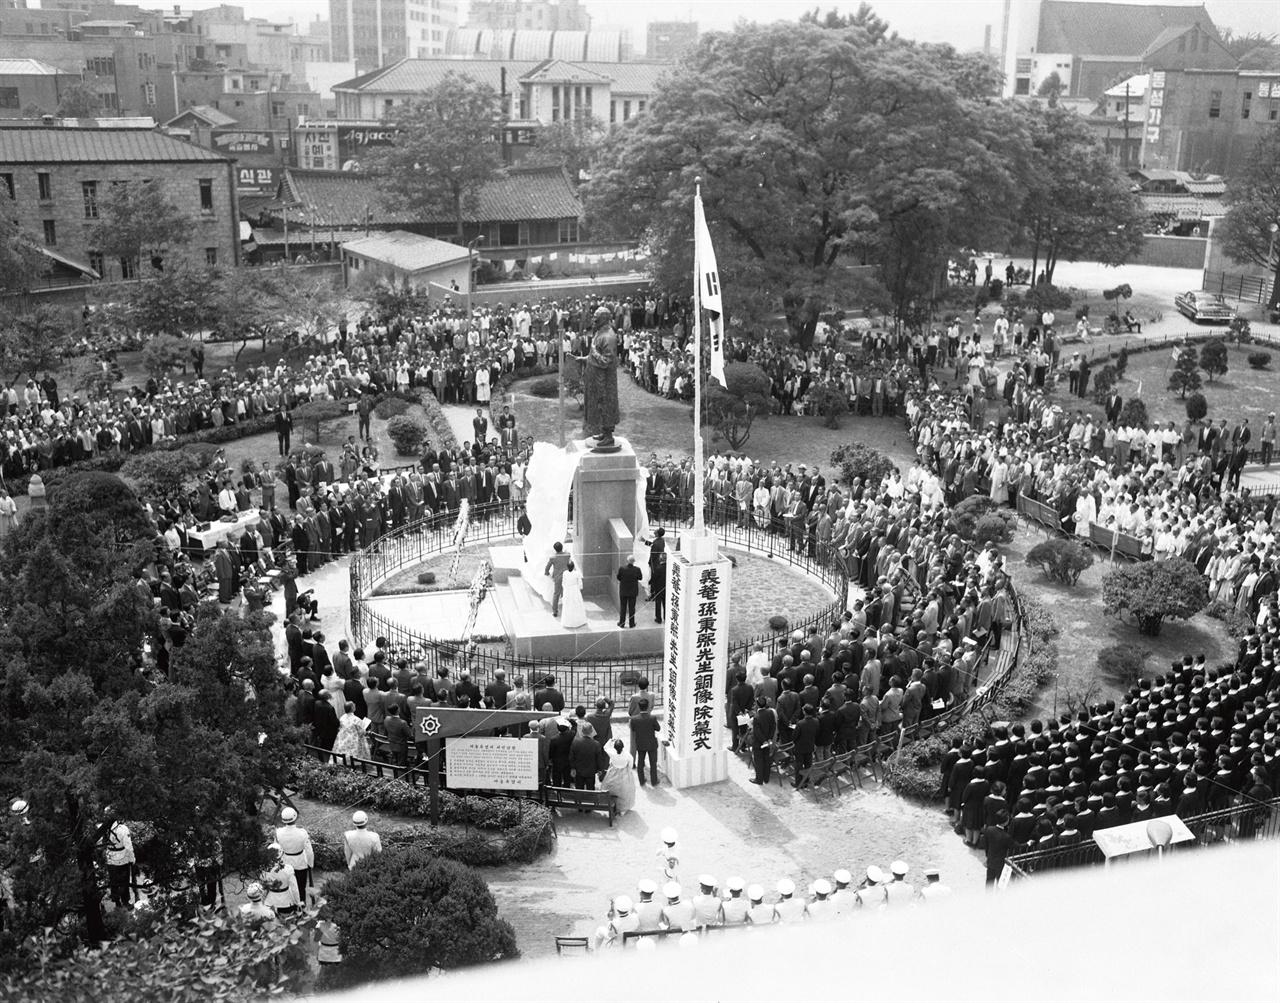 탑골공원 시절 종로도서관 1966년 5월 19일 열린 탑골공원 손병희 동상 제막식 사진이다. 동상 위로 보이는 한옥과 그 왼편에 있는 건물이 탑골공원 시절 '종로도서관'(옛 경성부립도서관 종로분관)이다.1920년대부터 이어진 이 건물이 '최초의 조선인 사서'가 일한 공간이다. 기록으로만 보면 이 땅에서 사서가 처음 일을 한 장소는 명동 시절 경성부립도서관으로, 옛 한성병원 터다.